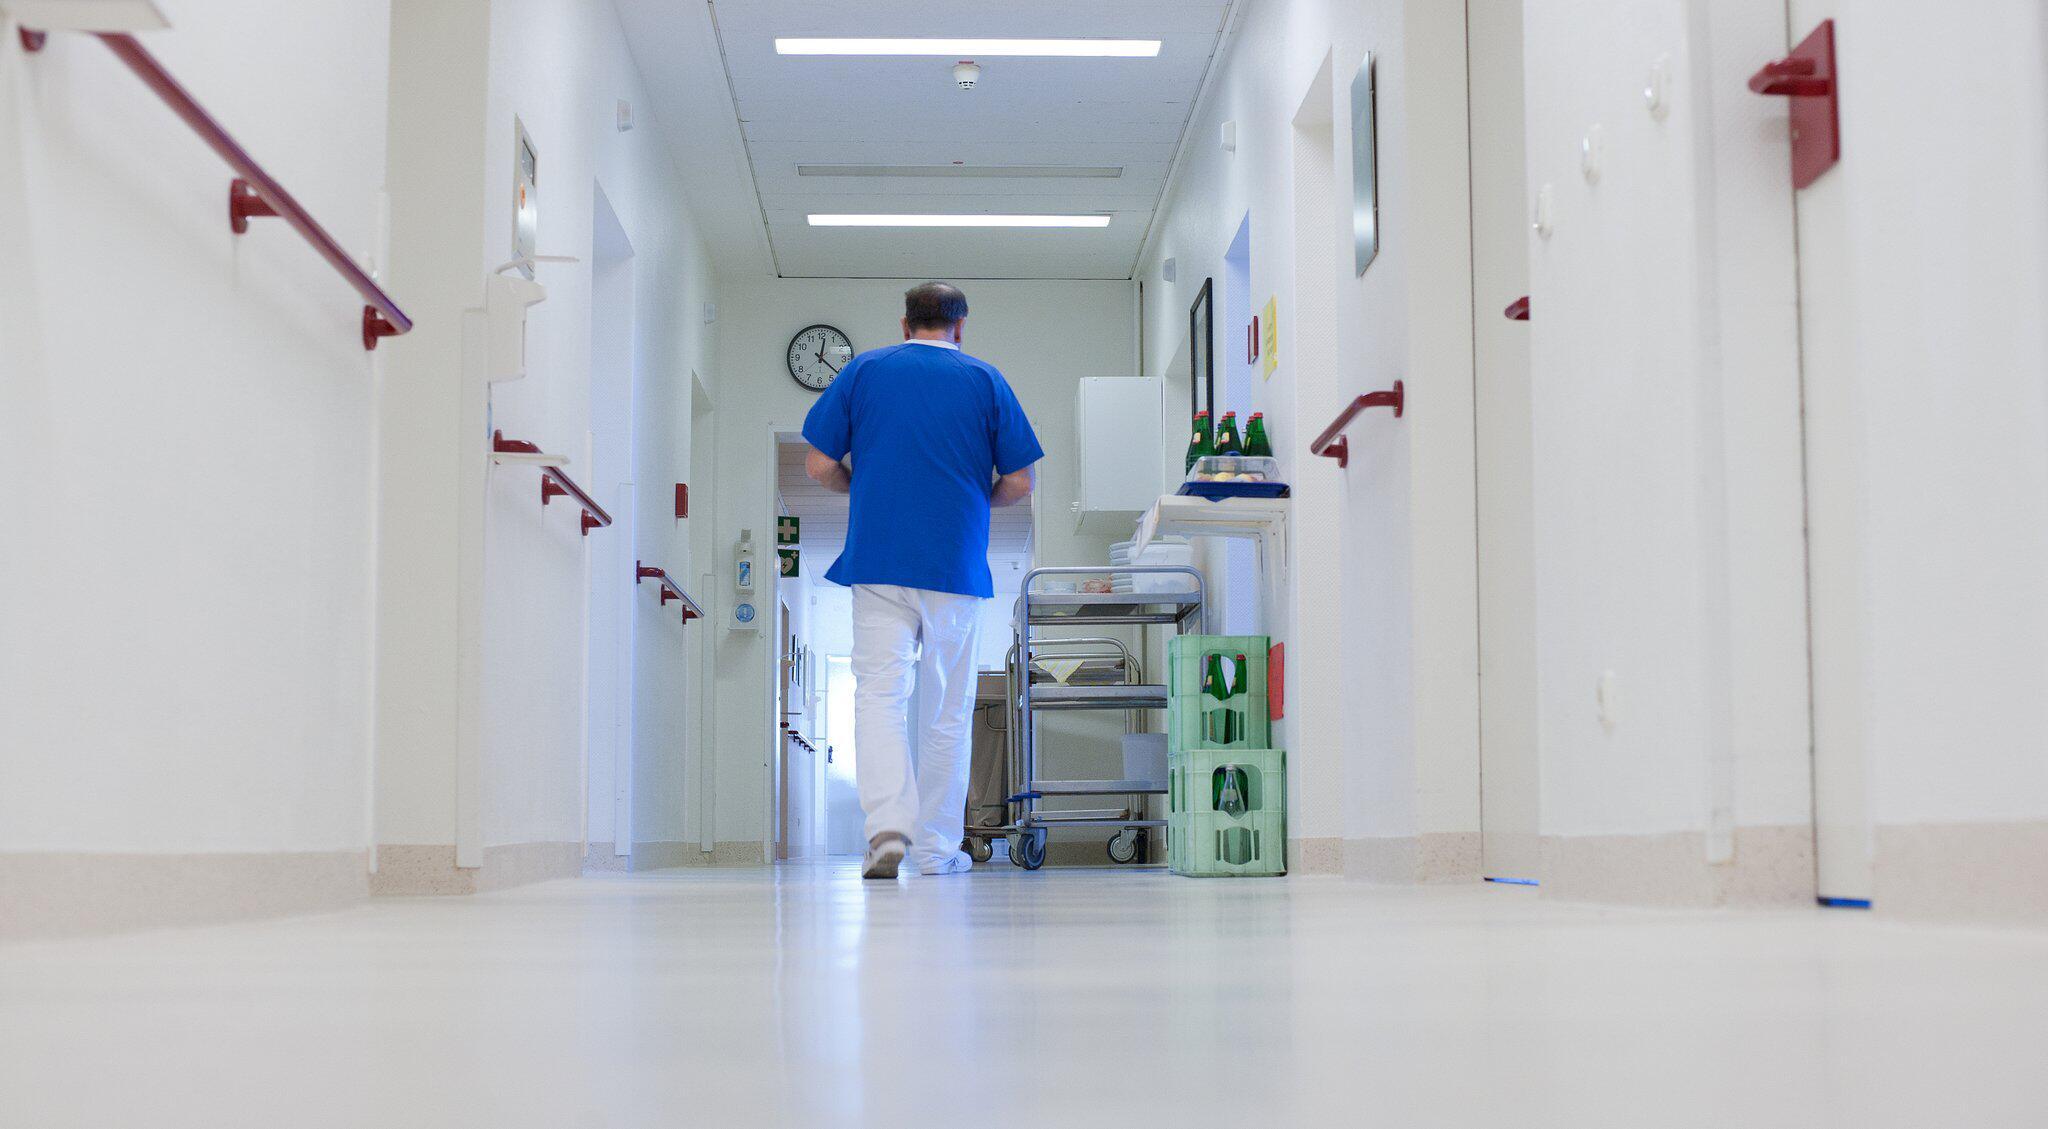 Bild zu Personalnot in Kliniken